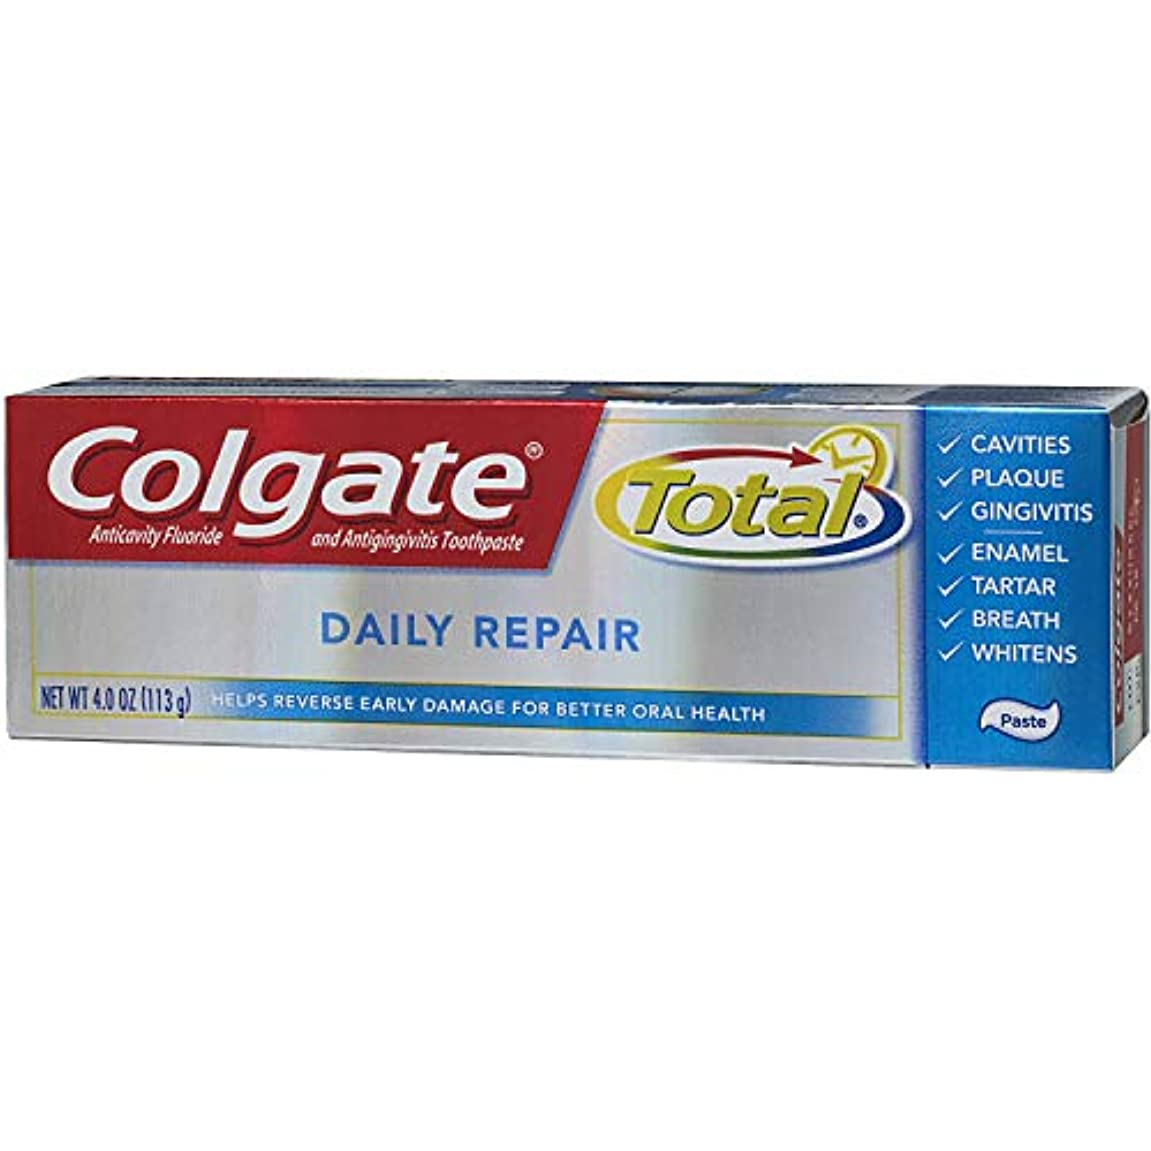 リーク可決同等のColgate 全日修理歯磨き粉4オズ(2パック)